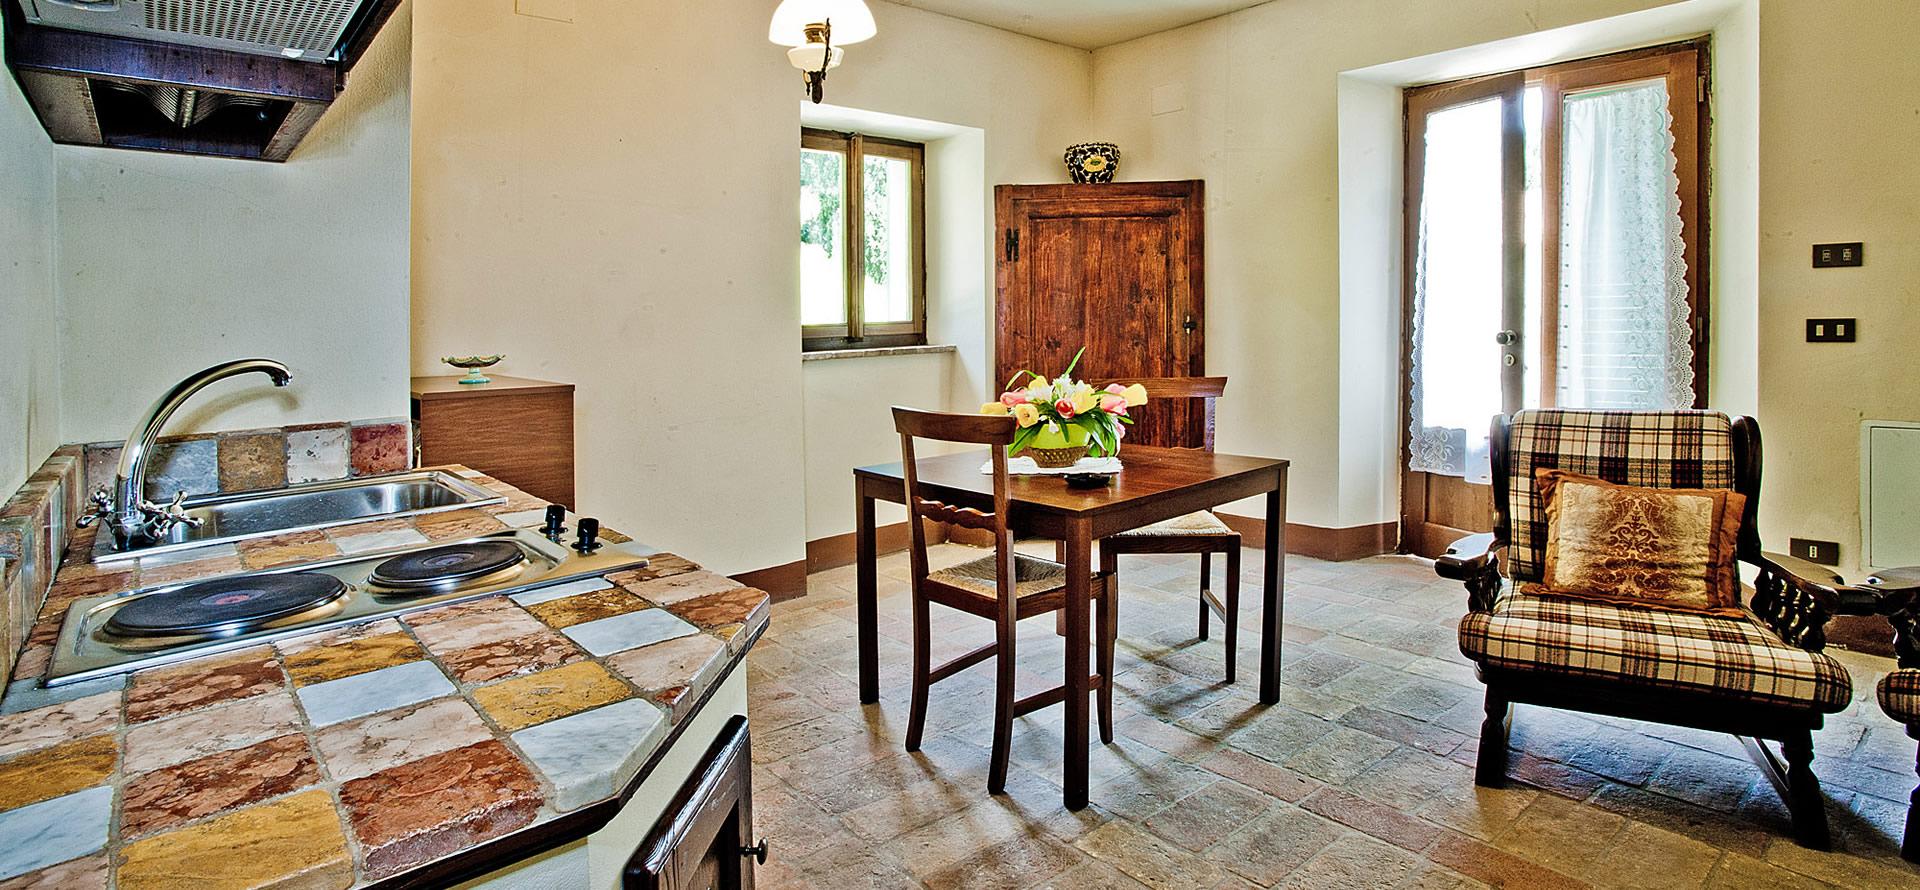 Soggiorno e cucina appartamento granaio